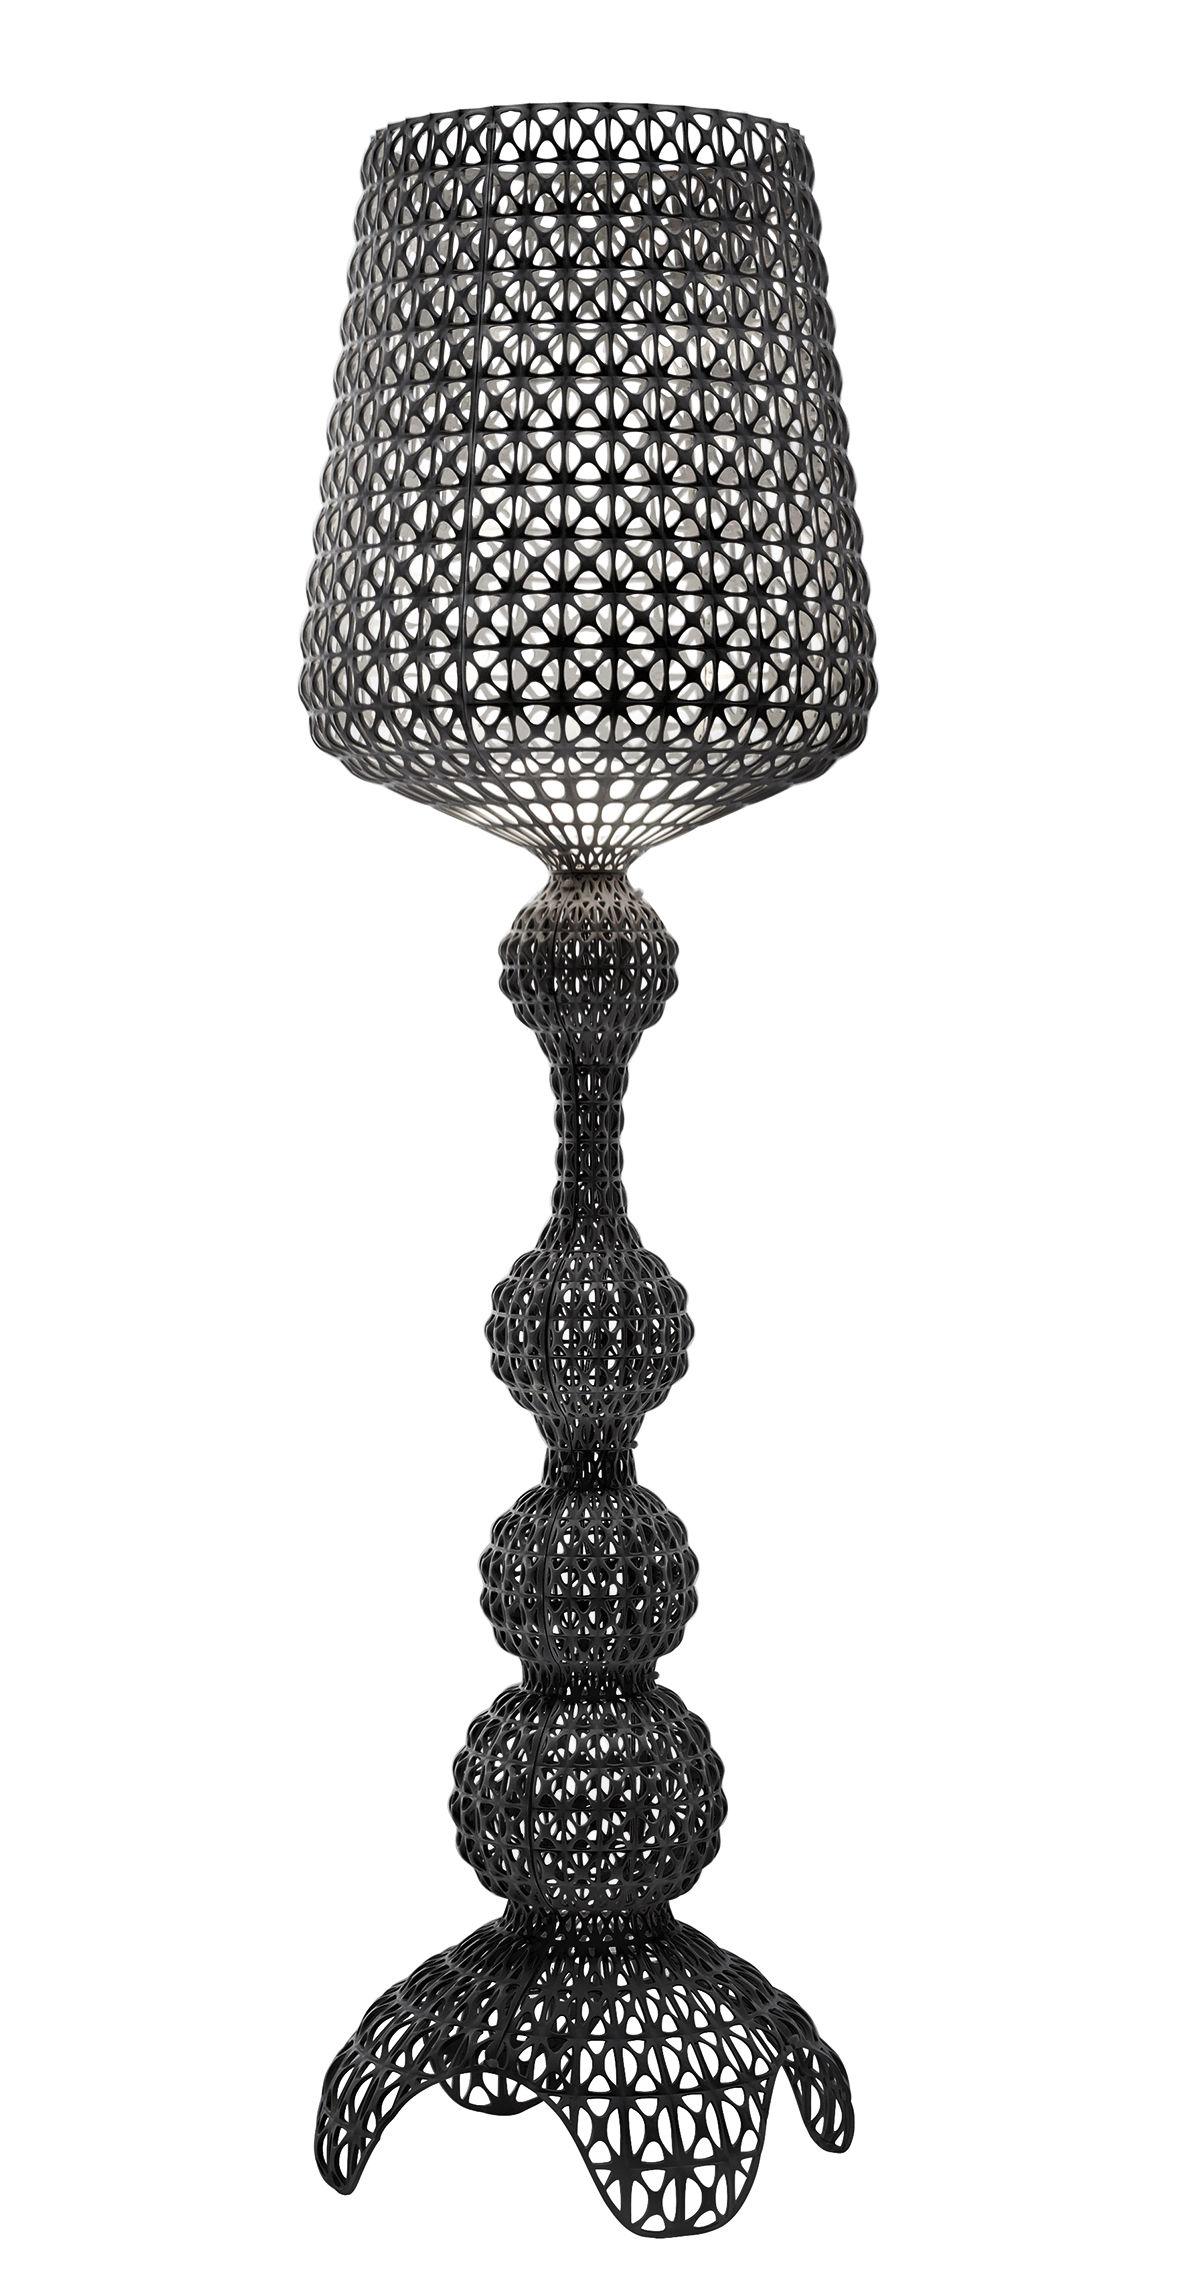 Lighting - Floor lamps - Kabuki Indoor Floor lamp - LED - H 165 cm - Dimmer by Kartell - Black - Thermoplastic technopolymer